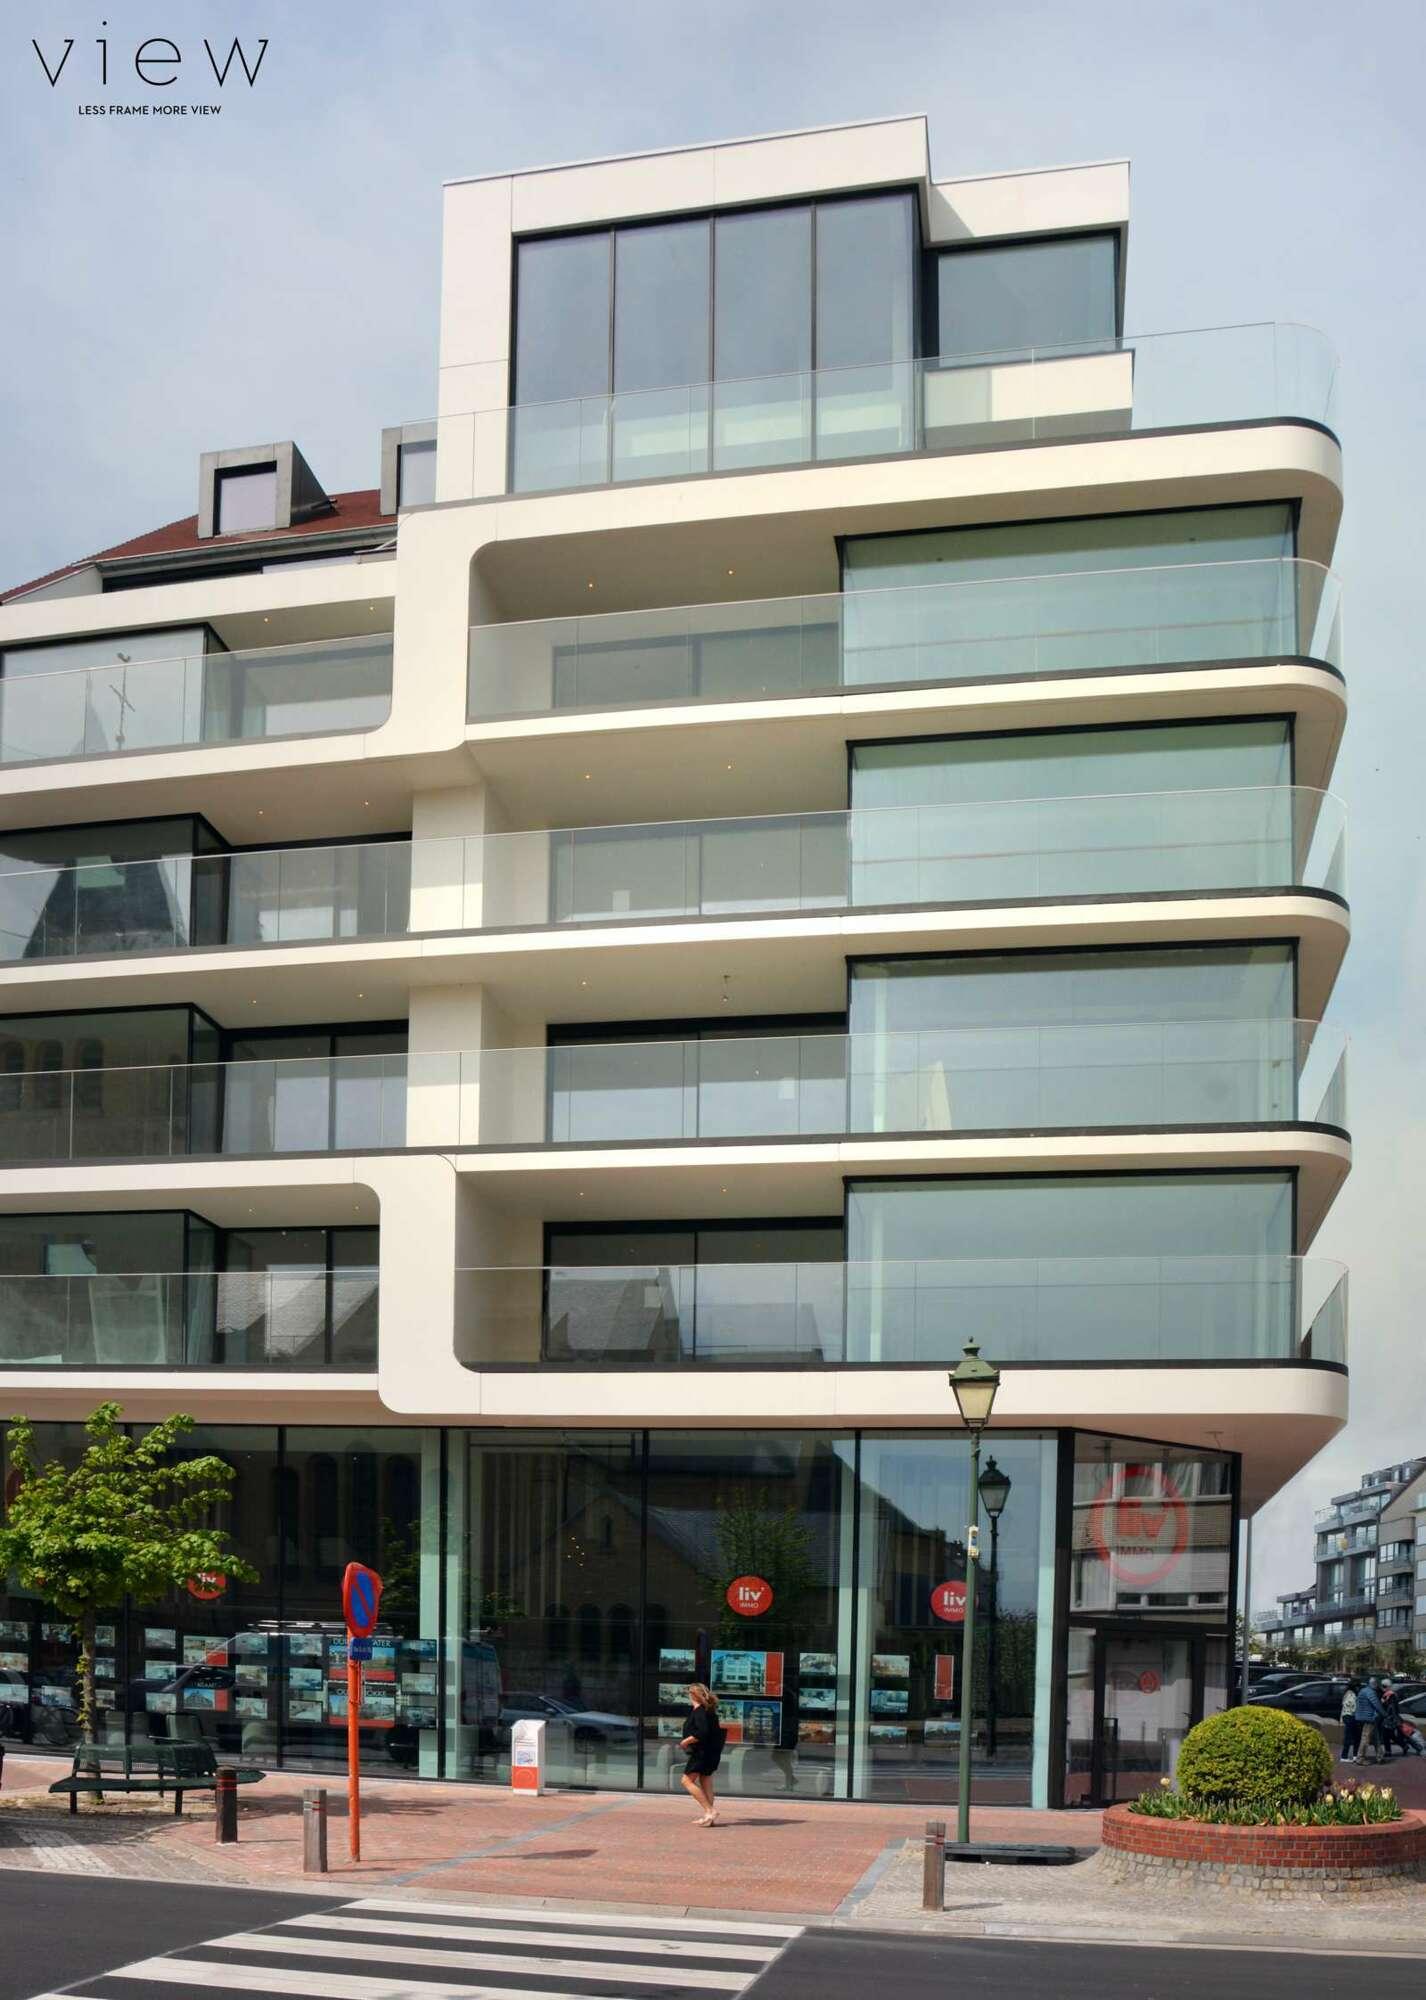 Immeuble d'appartements au cœur de Knokke